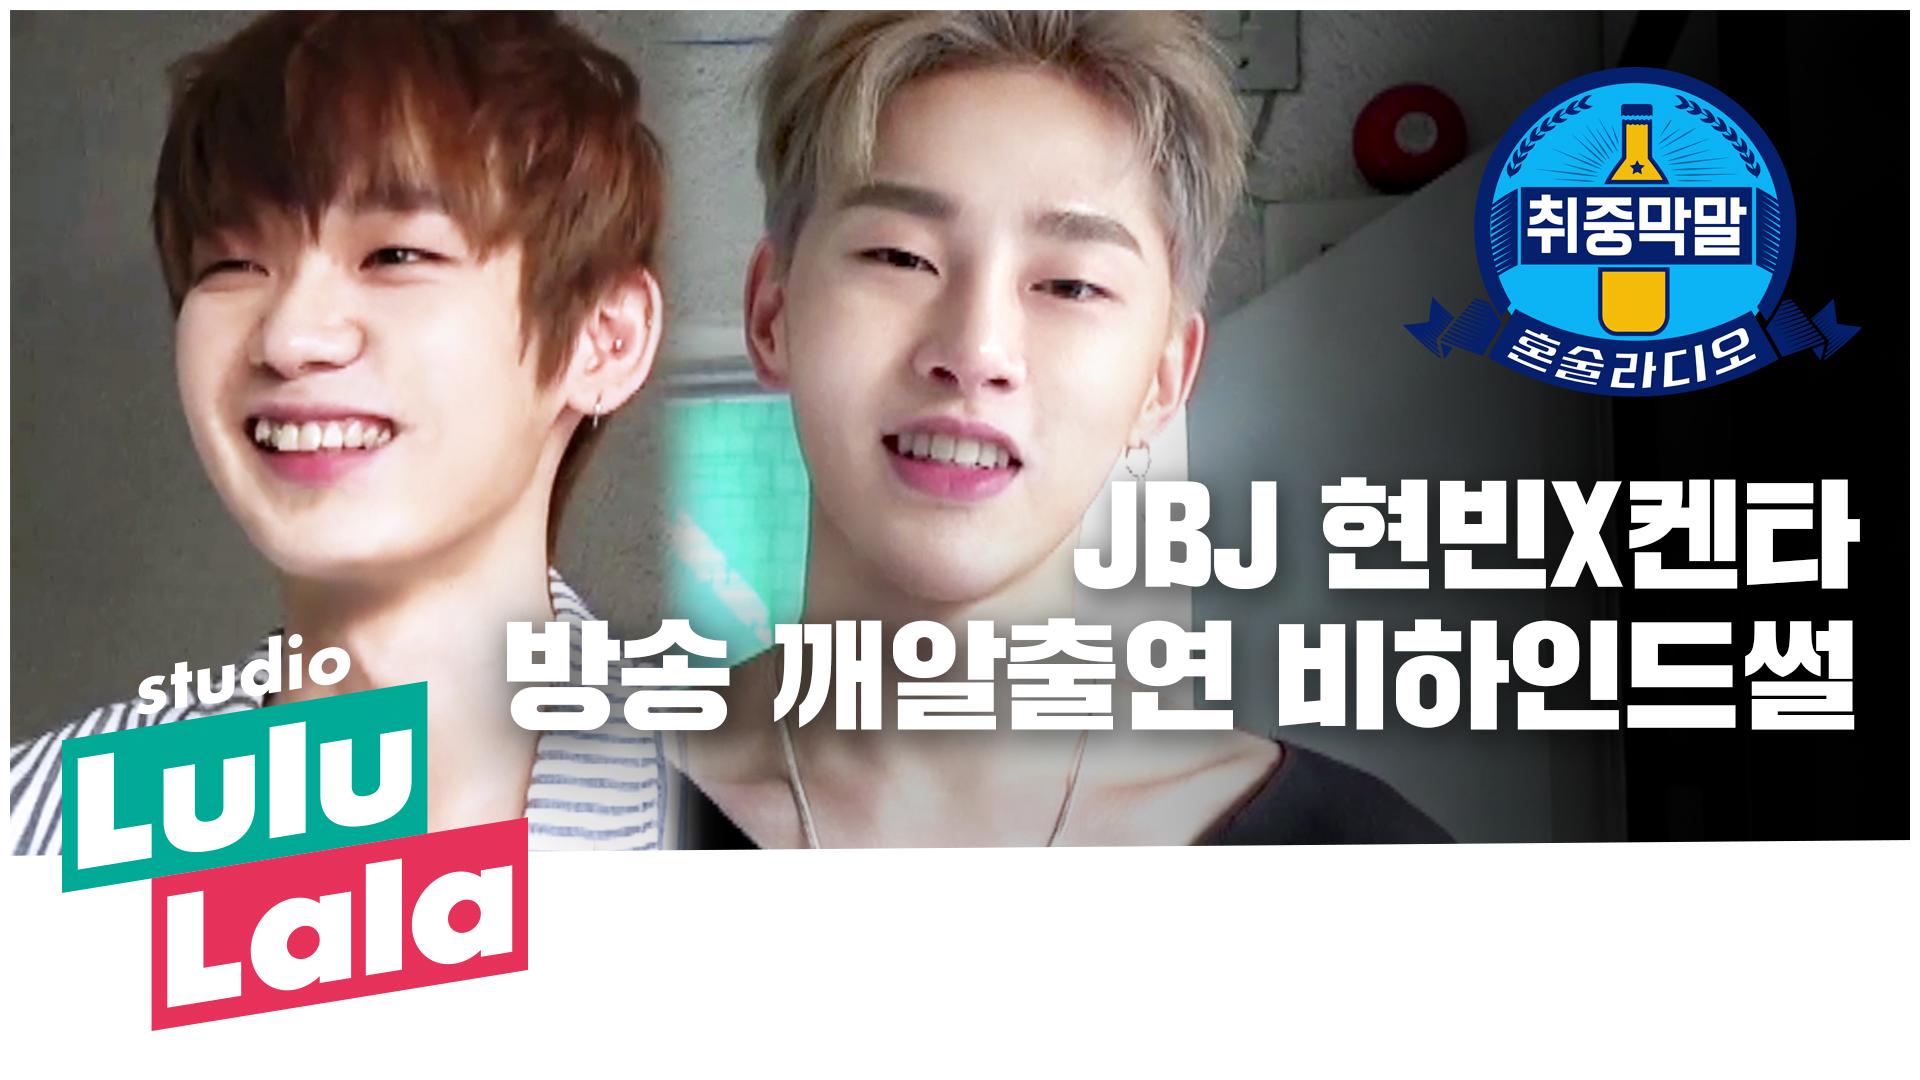 [취중막말] ep.5-2 JBJ 현빈X켄타 방송 깨알출연 비하인드썰